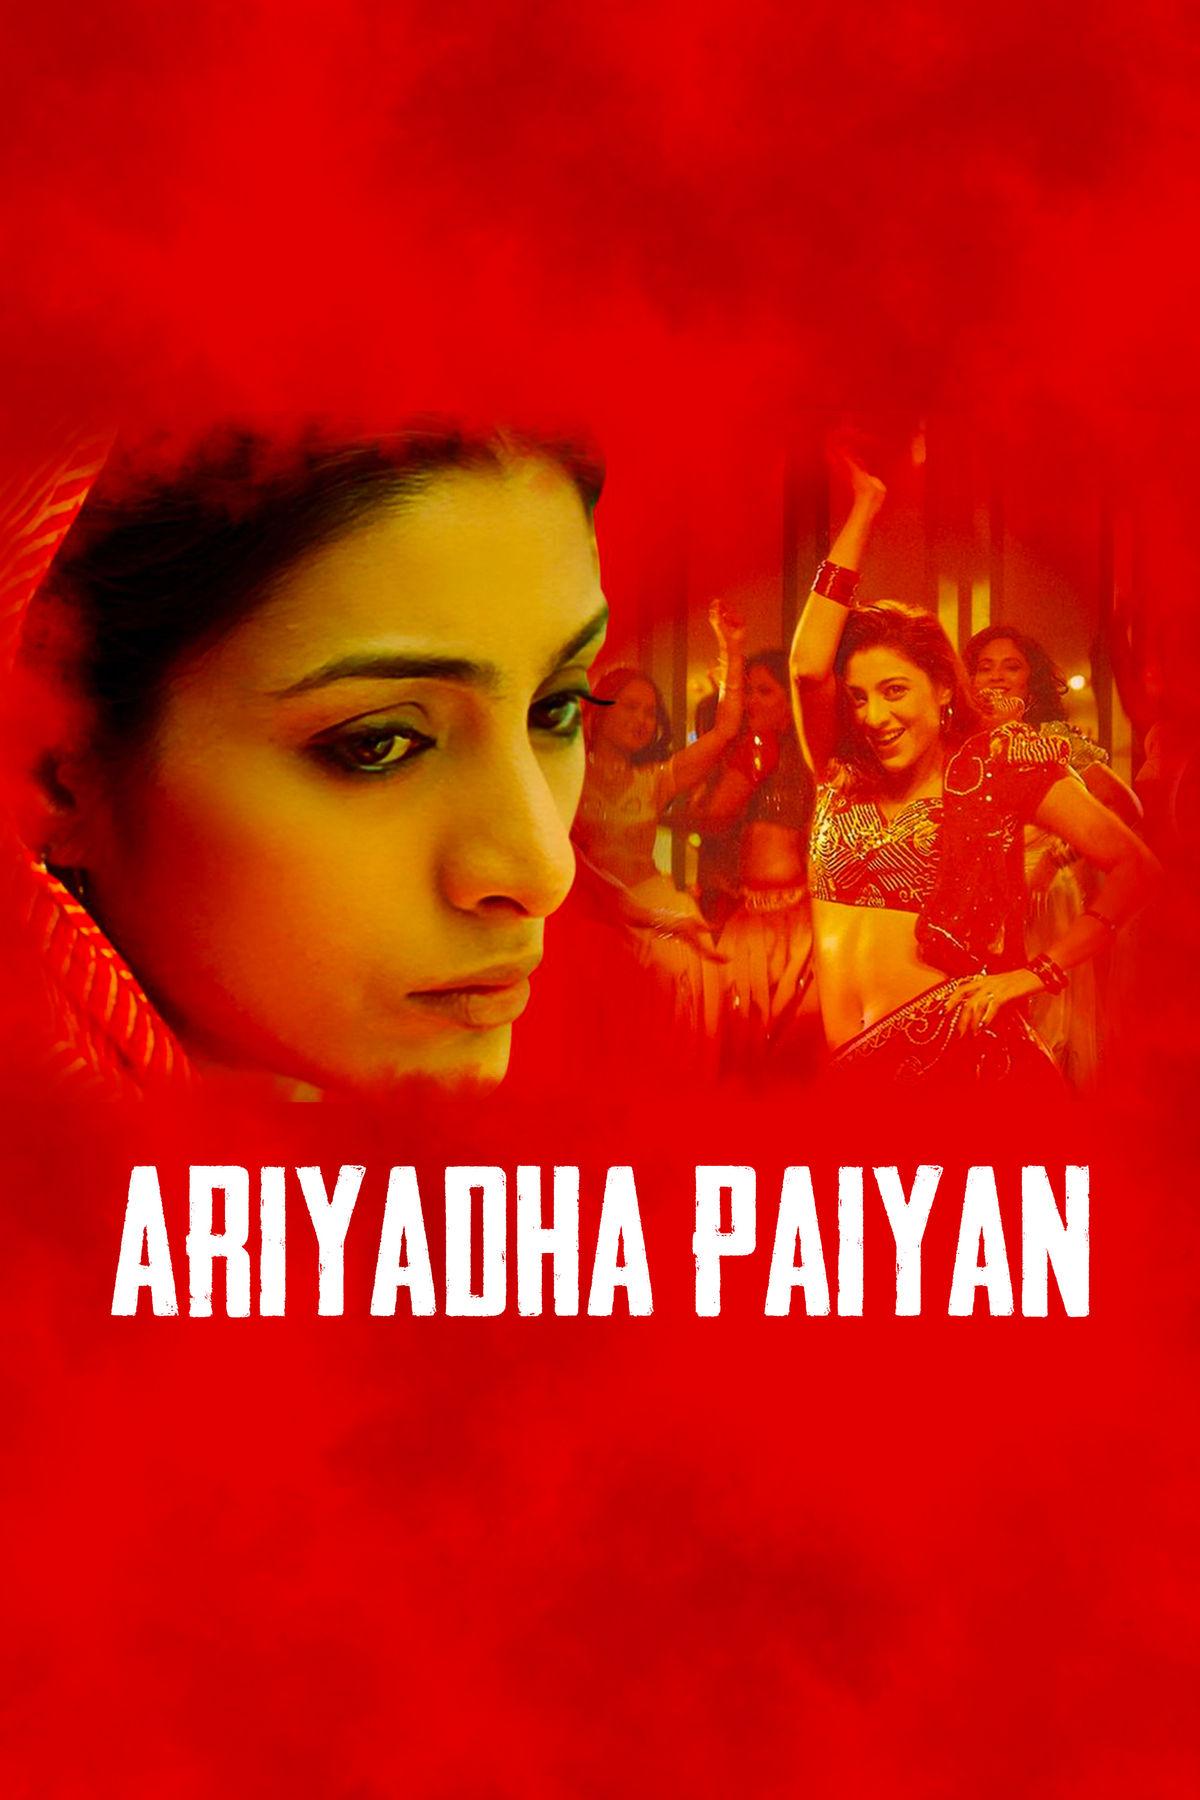 Ariyatha Paiyan